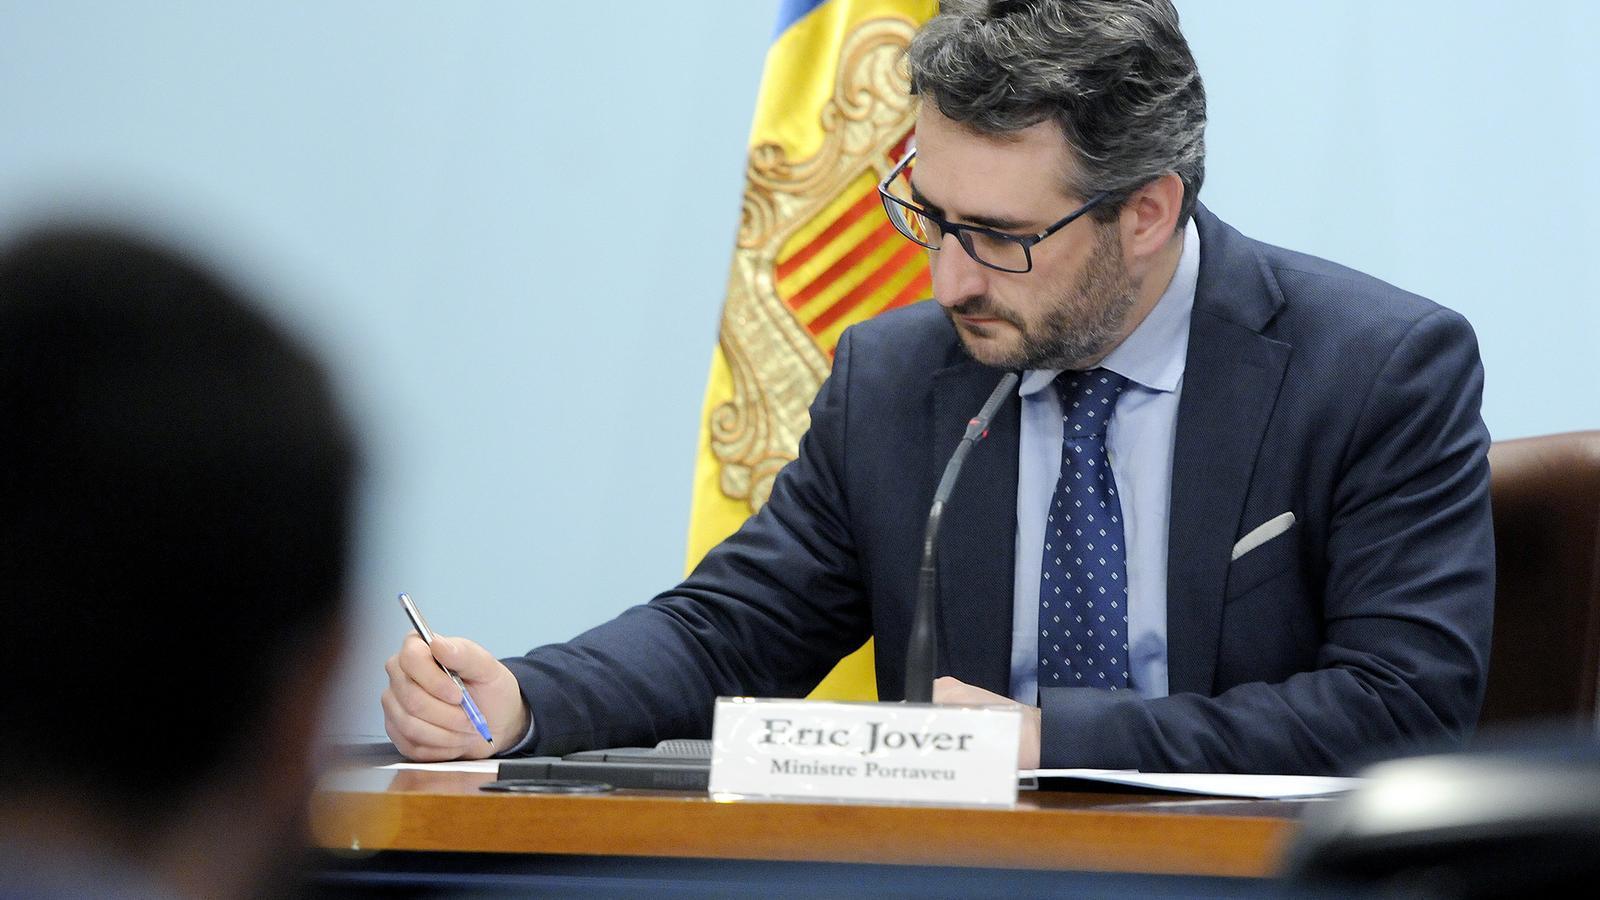 El ministre portaveu, Eric Jover, durant a roda de premsa d'aquest dilluns al vespre. / SFG